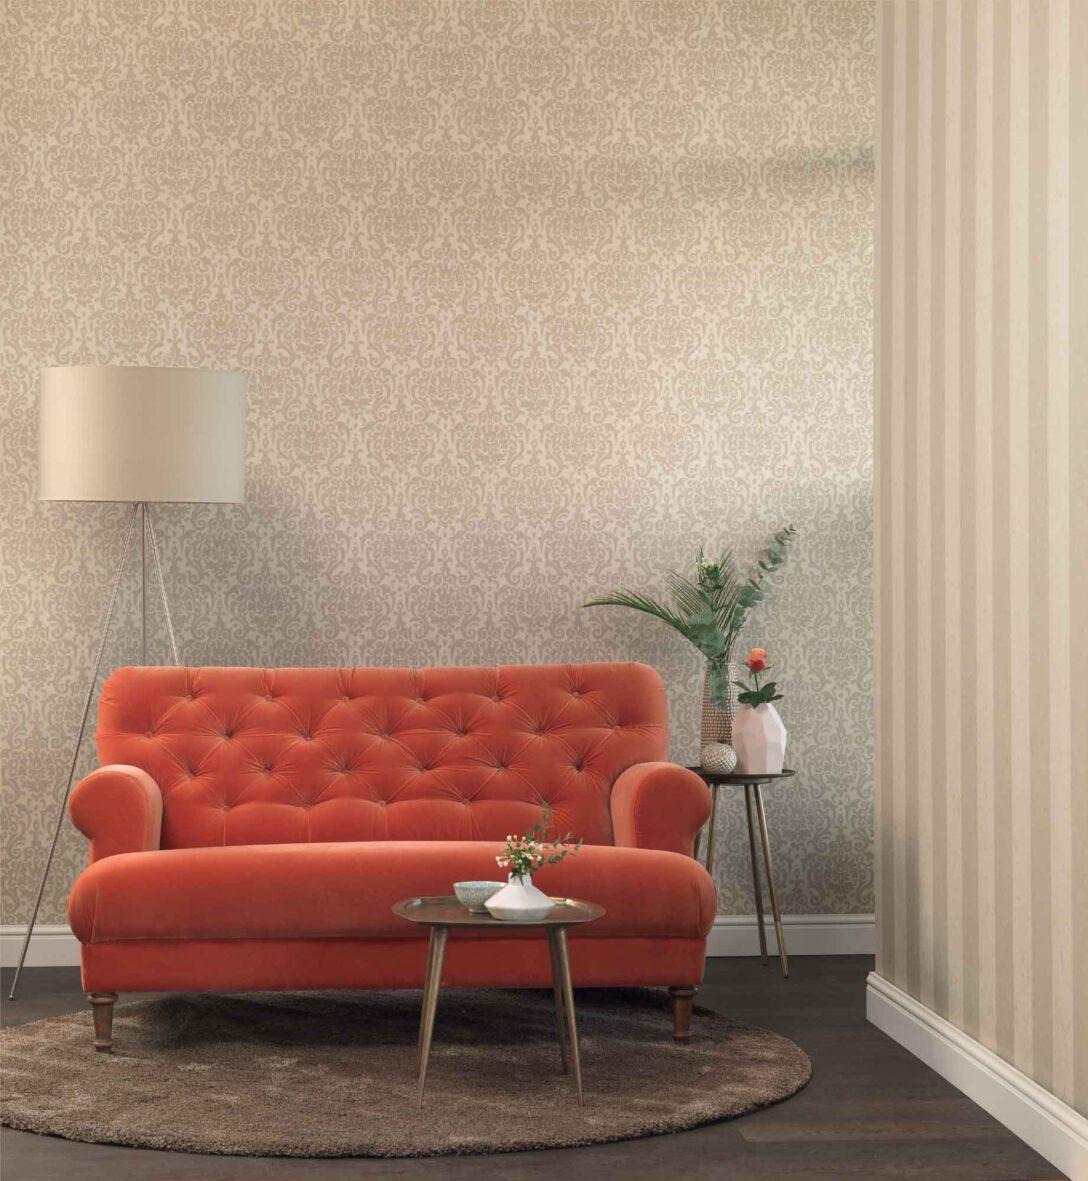 Large Size of Tapetenshop 23 Rasch Textil Tapeten Barock Ornamente Online Kaufen Wohnzimmer Deckenlampe Sessel Vorhang Indirekte Beleuchtung Vorhänge Für Küche Anbauwand Wohnzimmer Wohnzimmer Tapeten